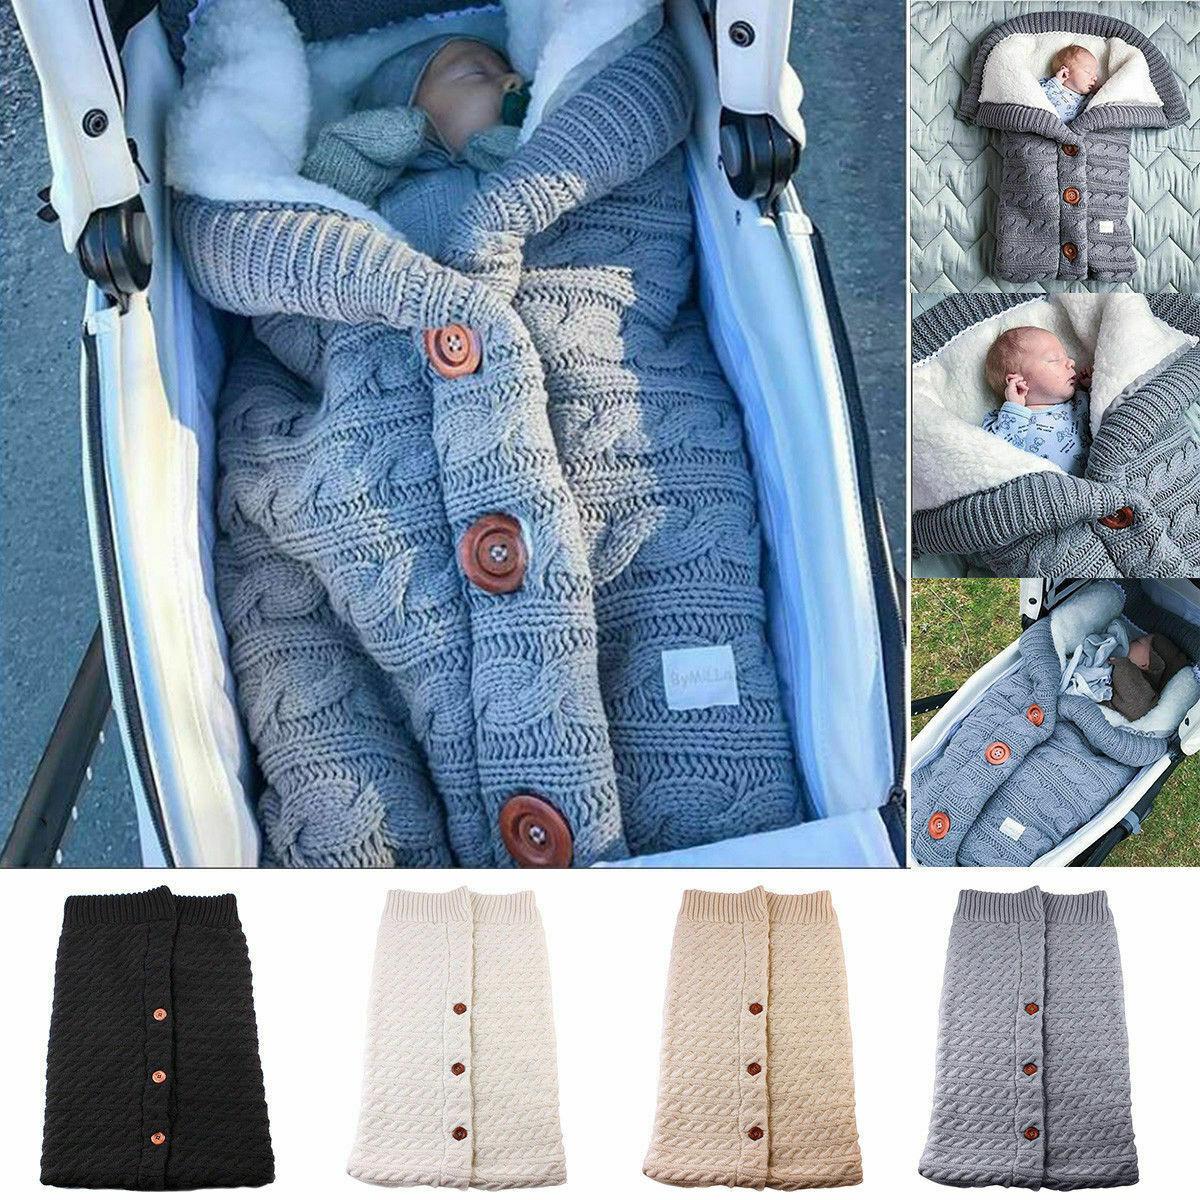 Baby Bunting Tasche Baumwolle Warme Winter Outdoor-Bady Warenkorb Kleidung Taste Stricken Swaddle Wrap Kinderwagen Kleinkind Decke Schlafen Tasche